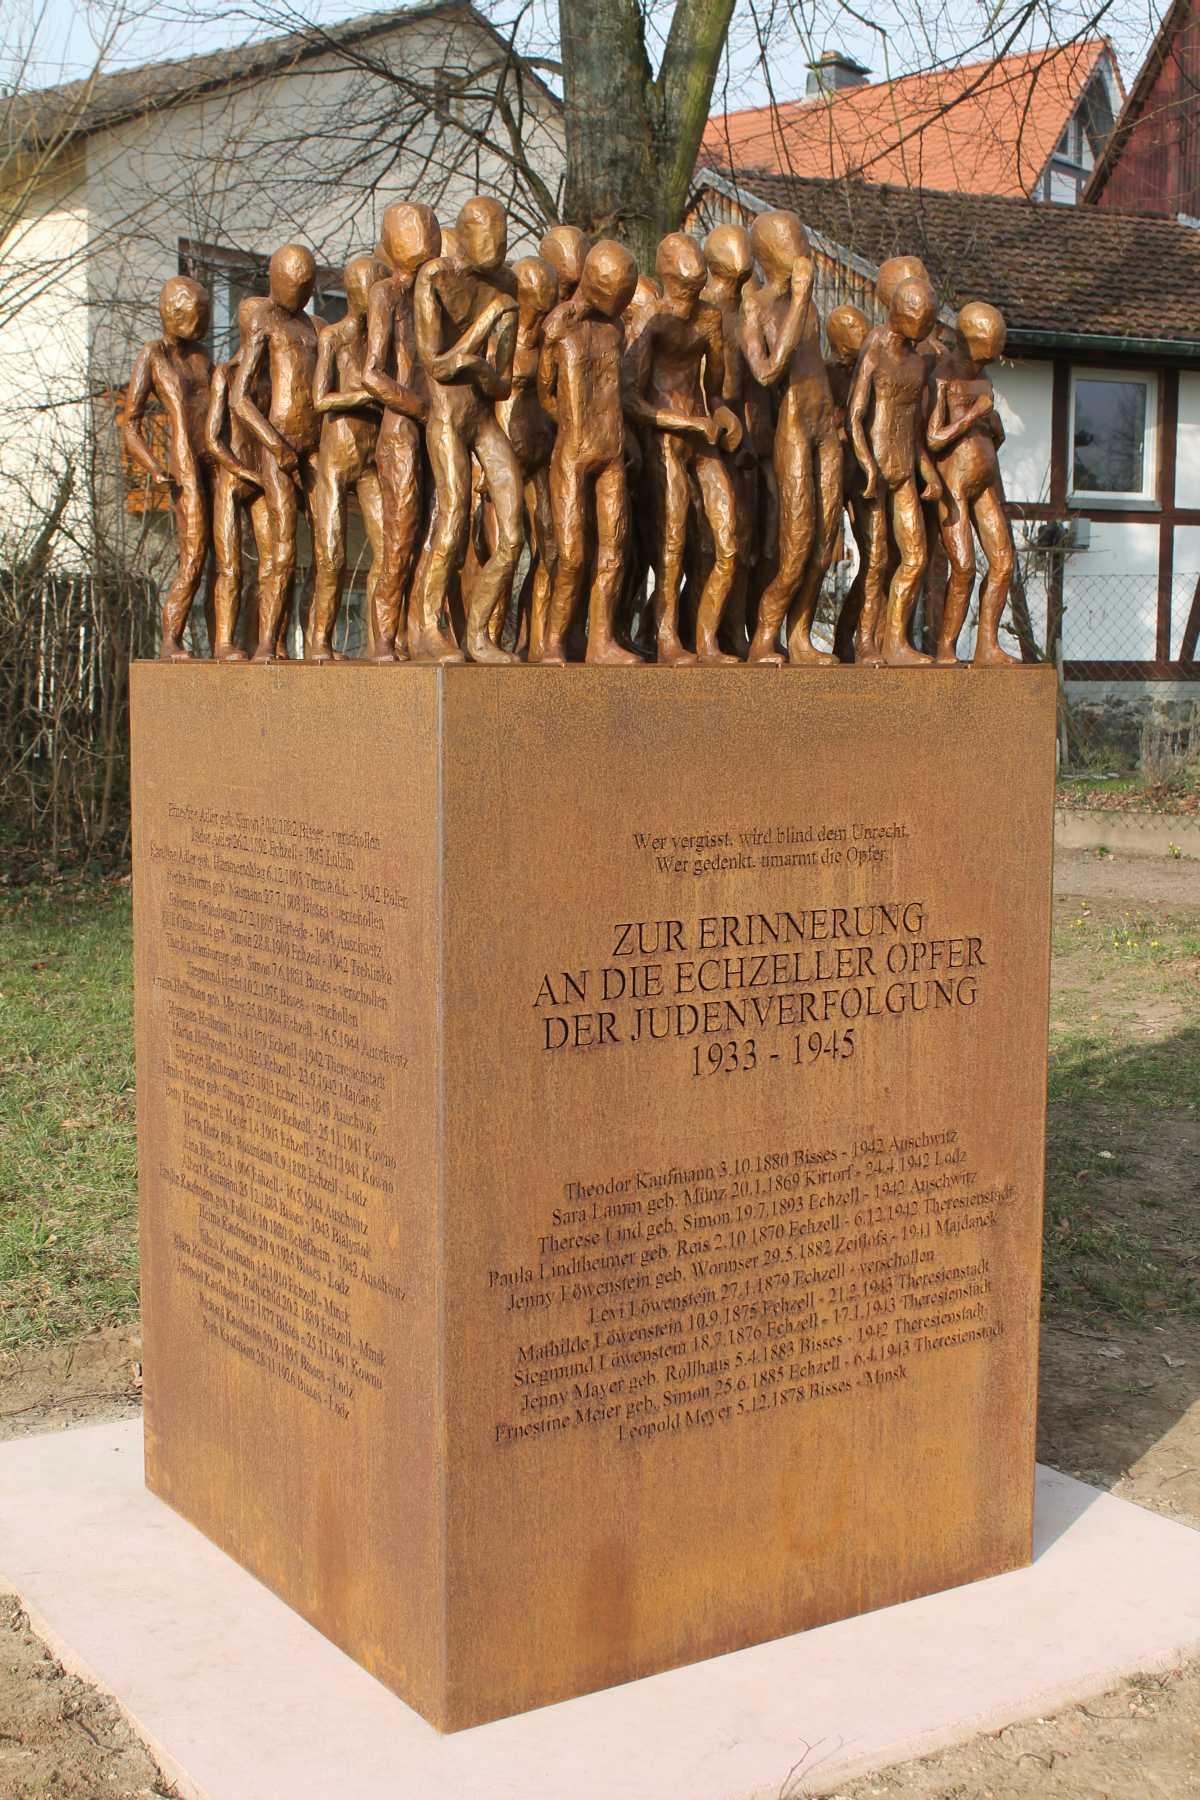 http://www.alemannia-judaica.de/images/Images%20381/Echzell%20Denkmal%20022015a.jpg